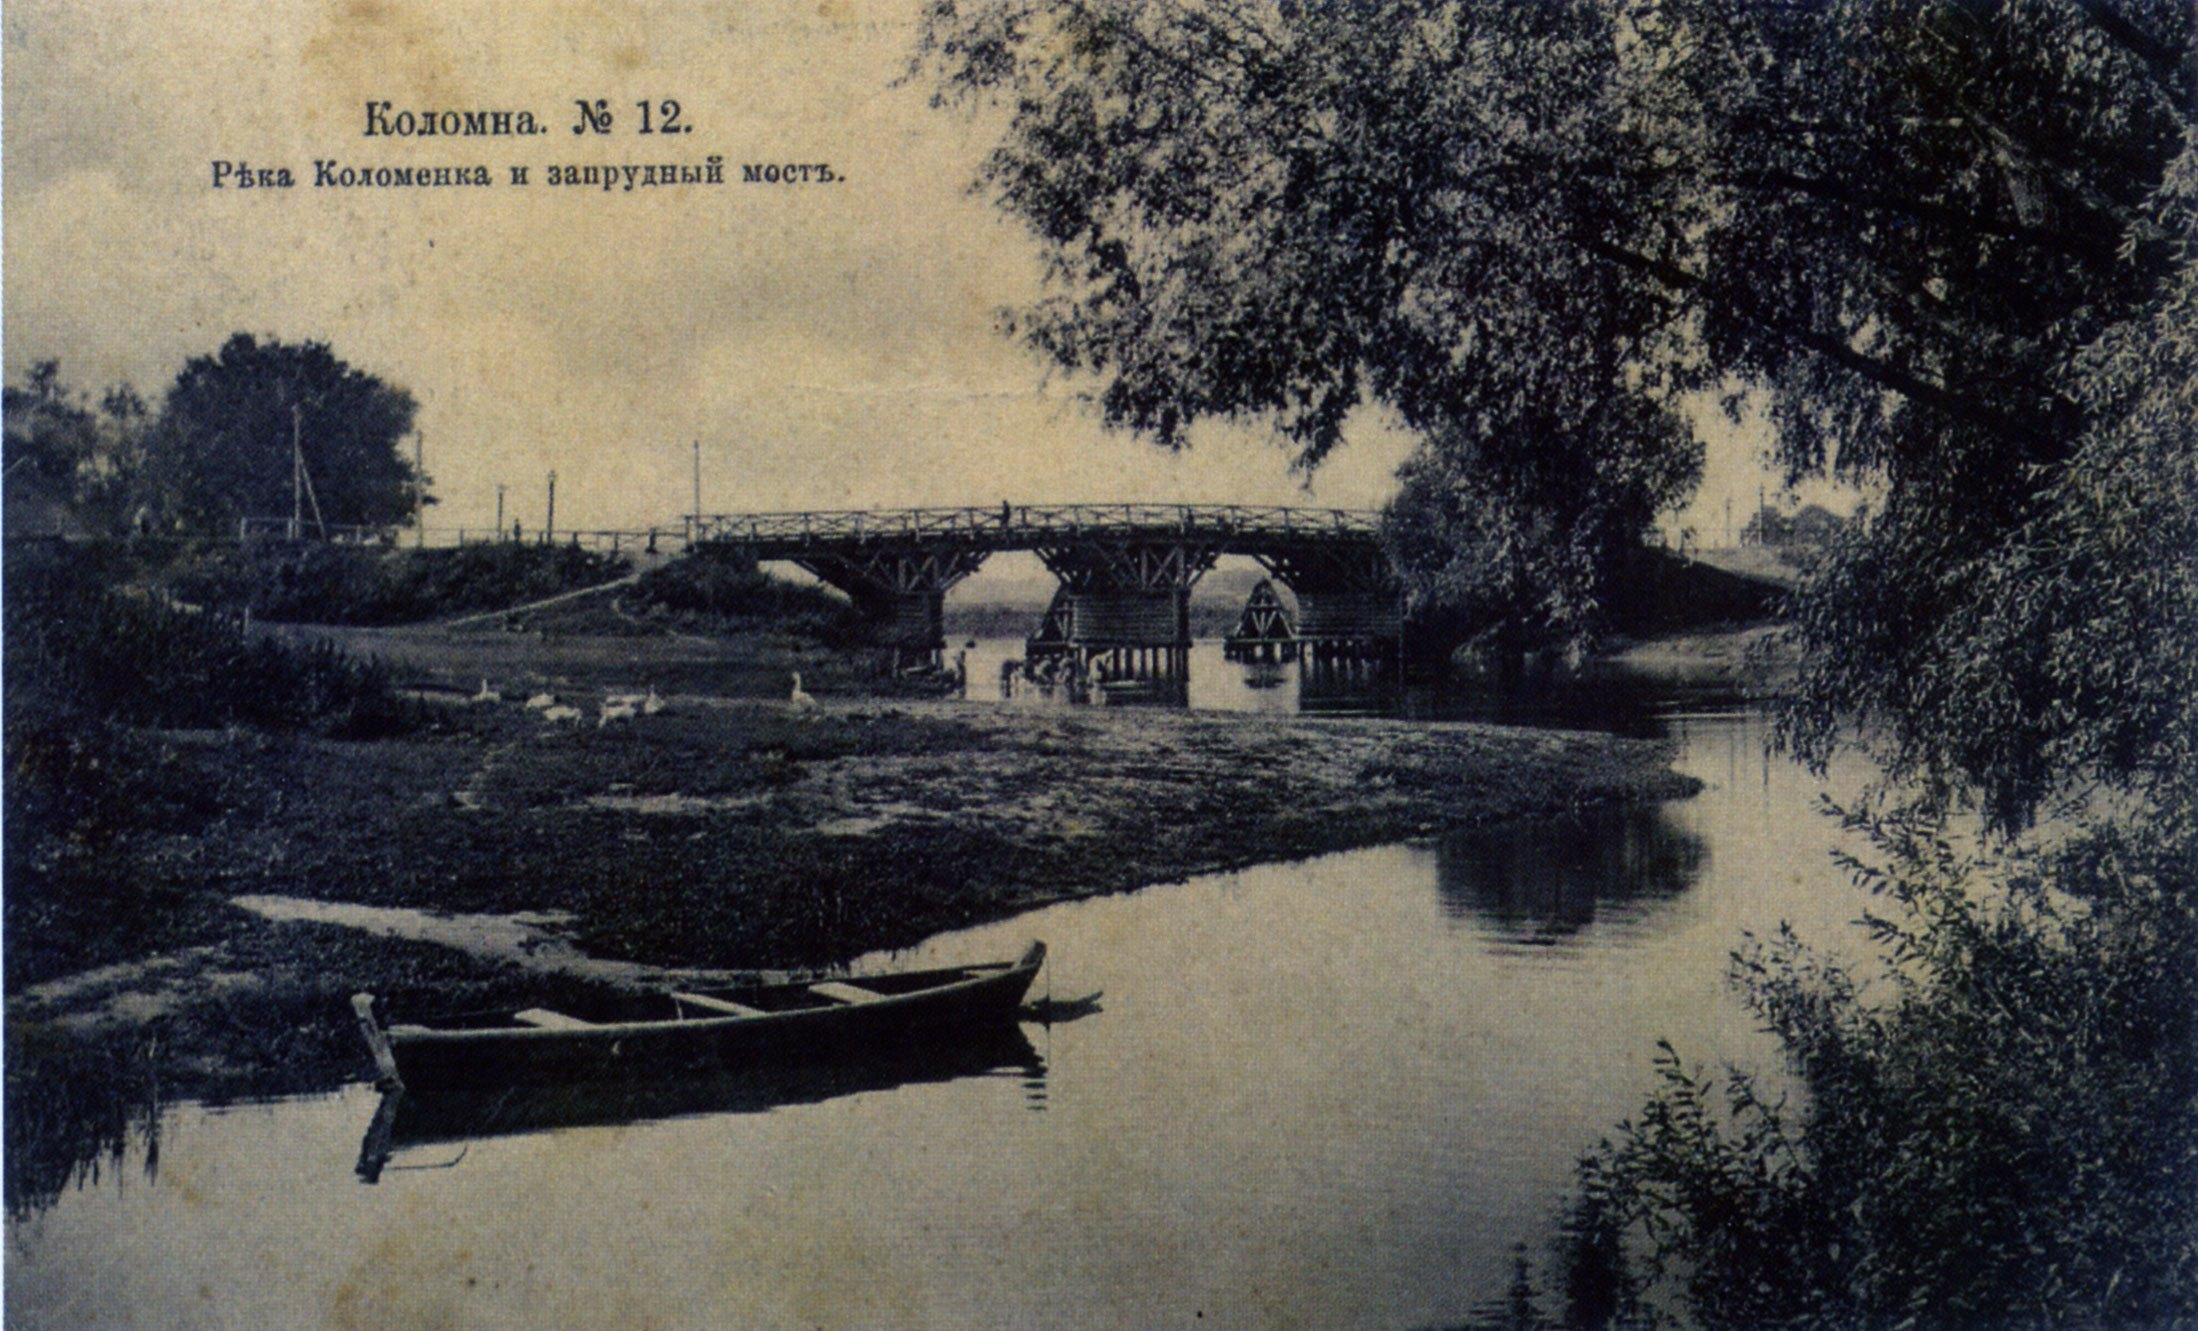 Река Коломенка и Запрудный мост с левого берега Коломенки